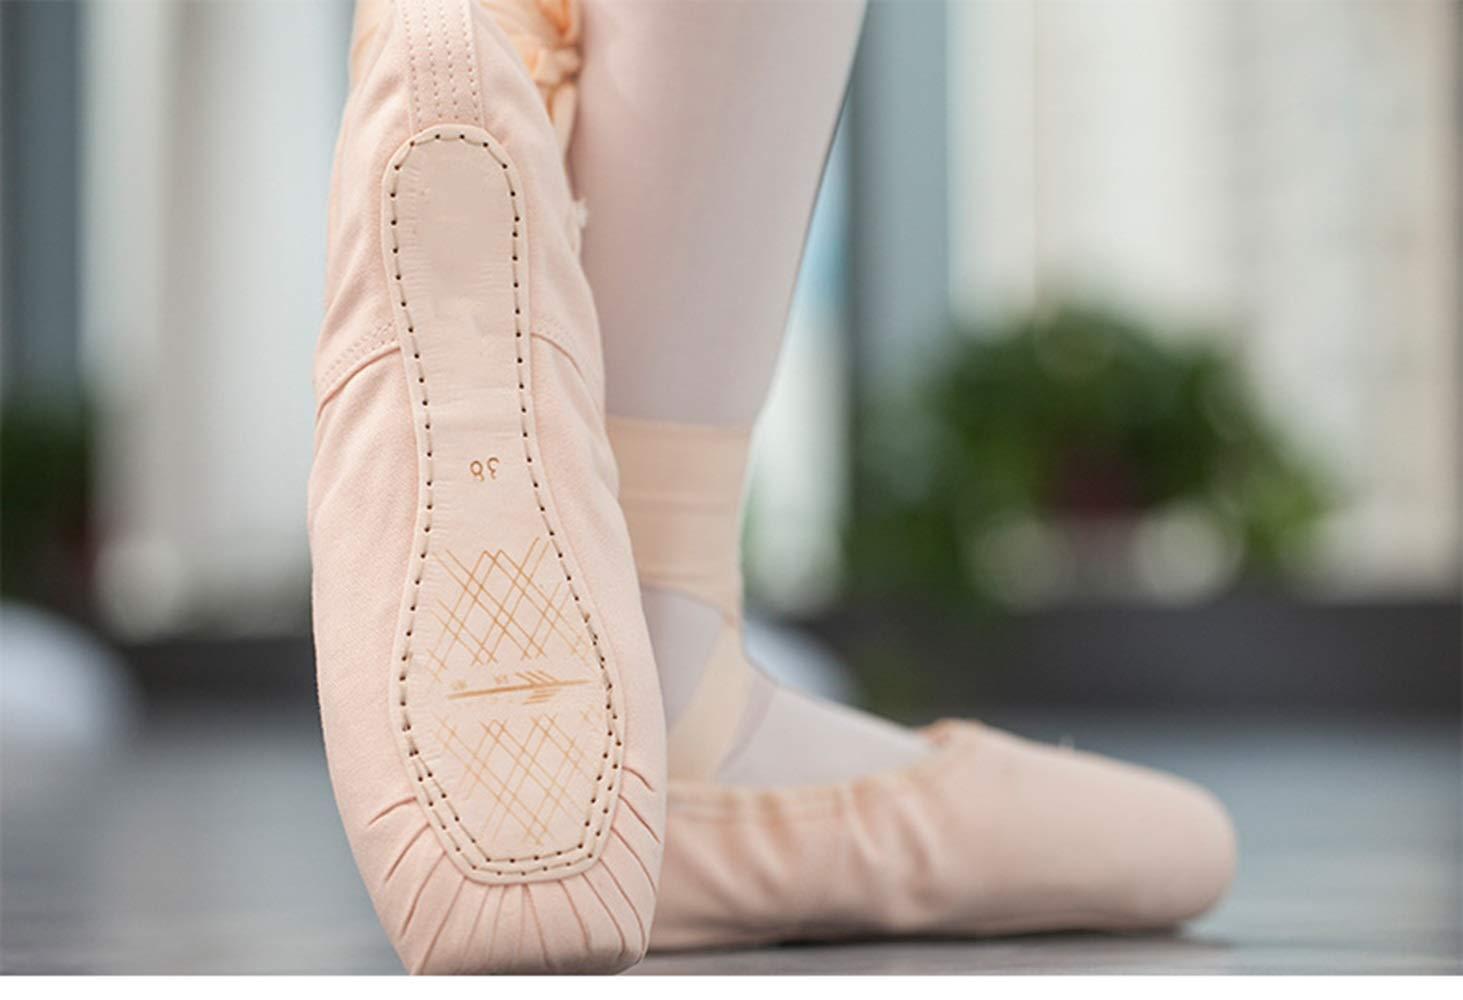 XINGUANG Frauen High Heels Ballettschuhe Tanzschuhe für Erwachsene für Pointies für Damen Schuhe Riemen Schuhe Tanzschuhe für Erwachsene Kinder 2f9d9e